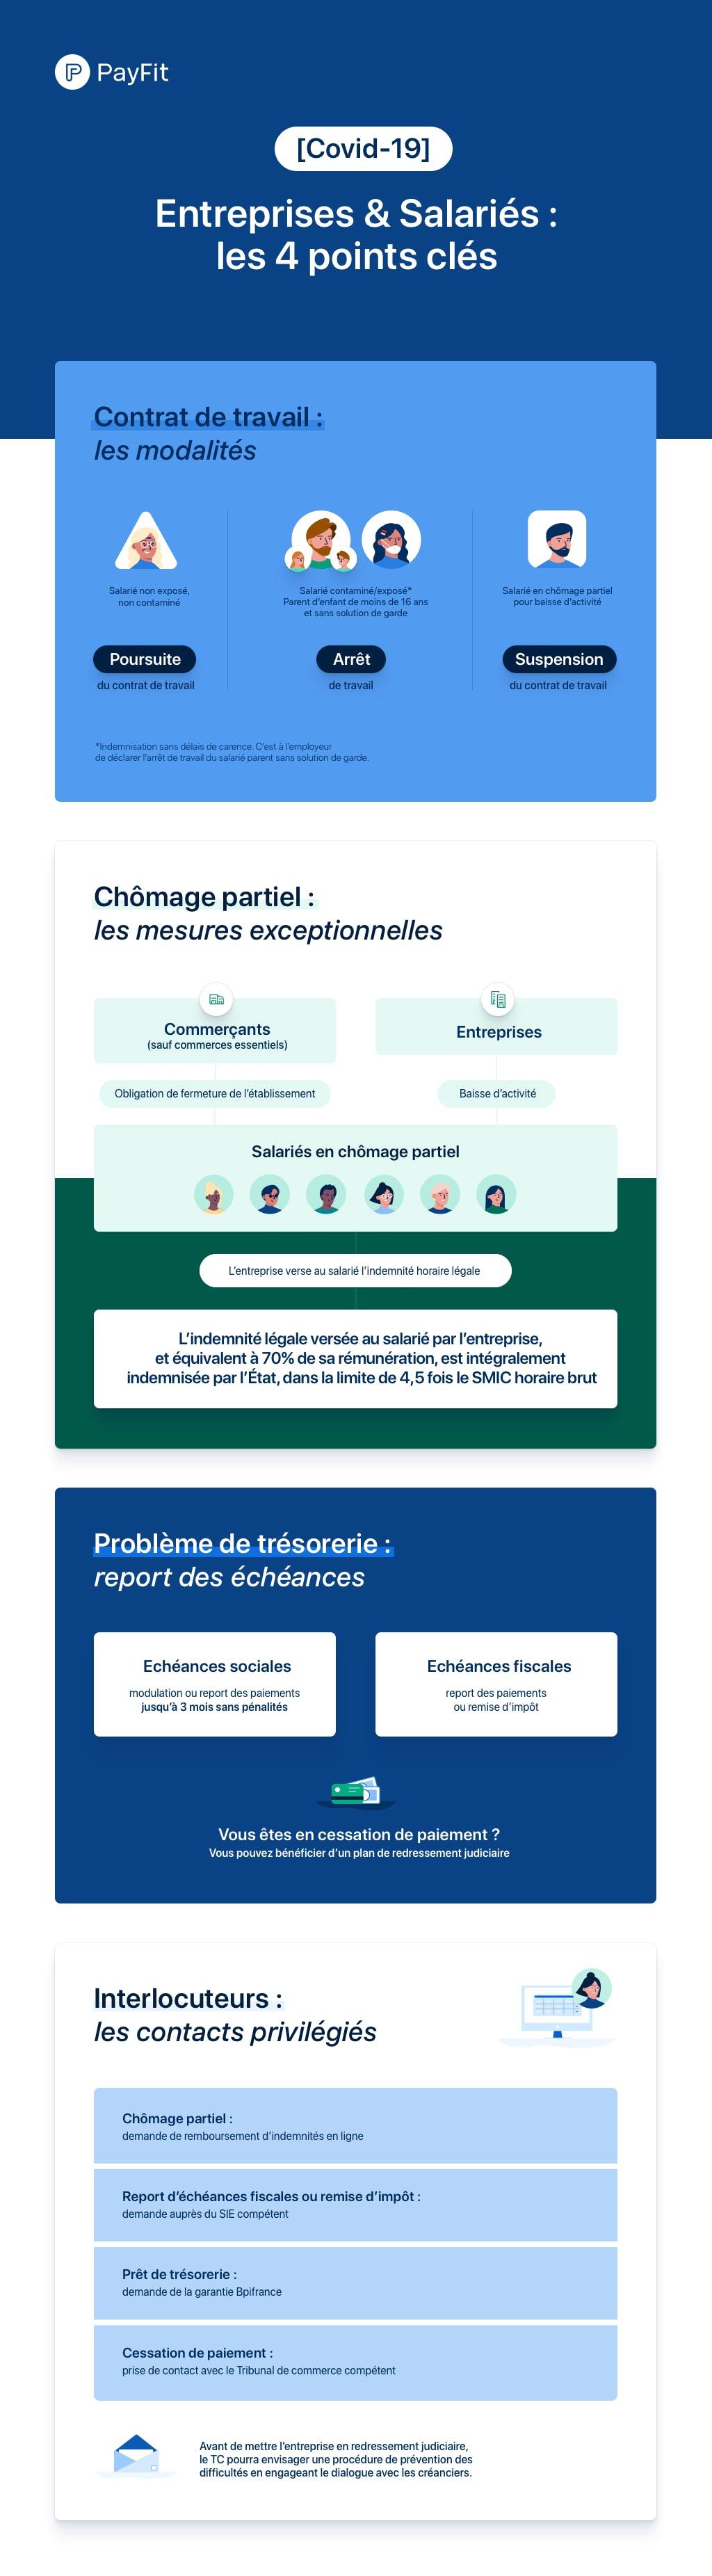 infographie droit du travail covid